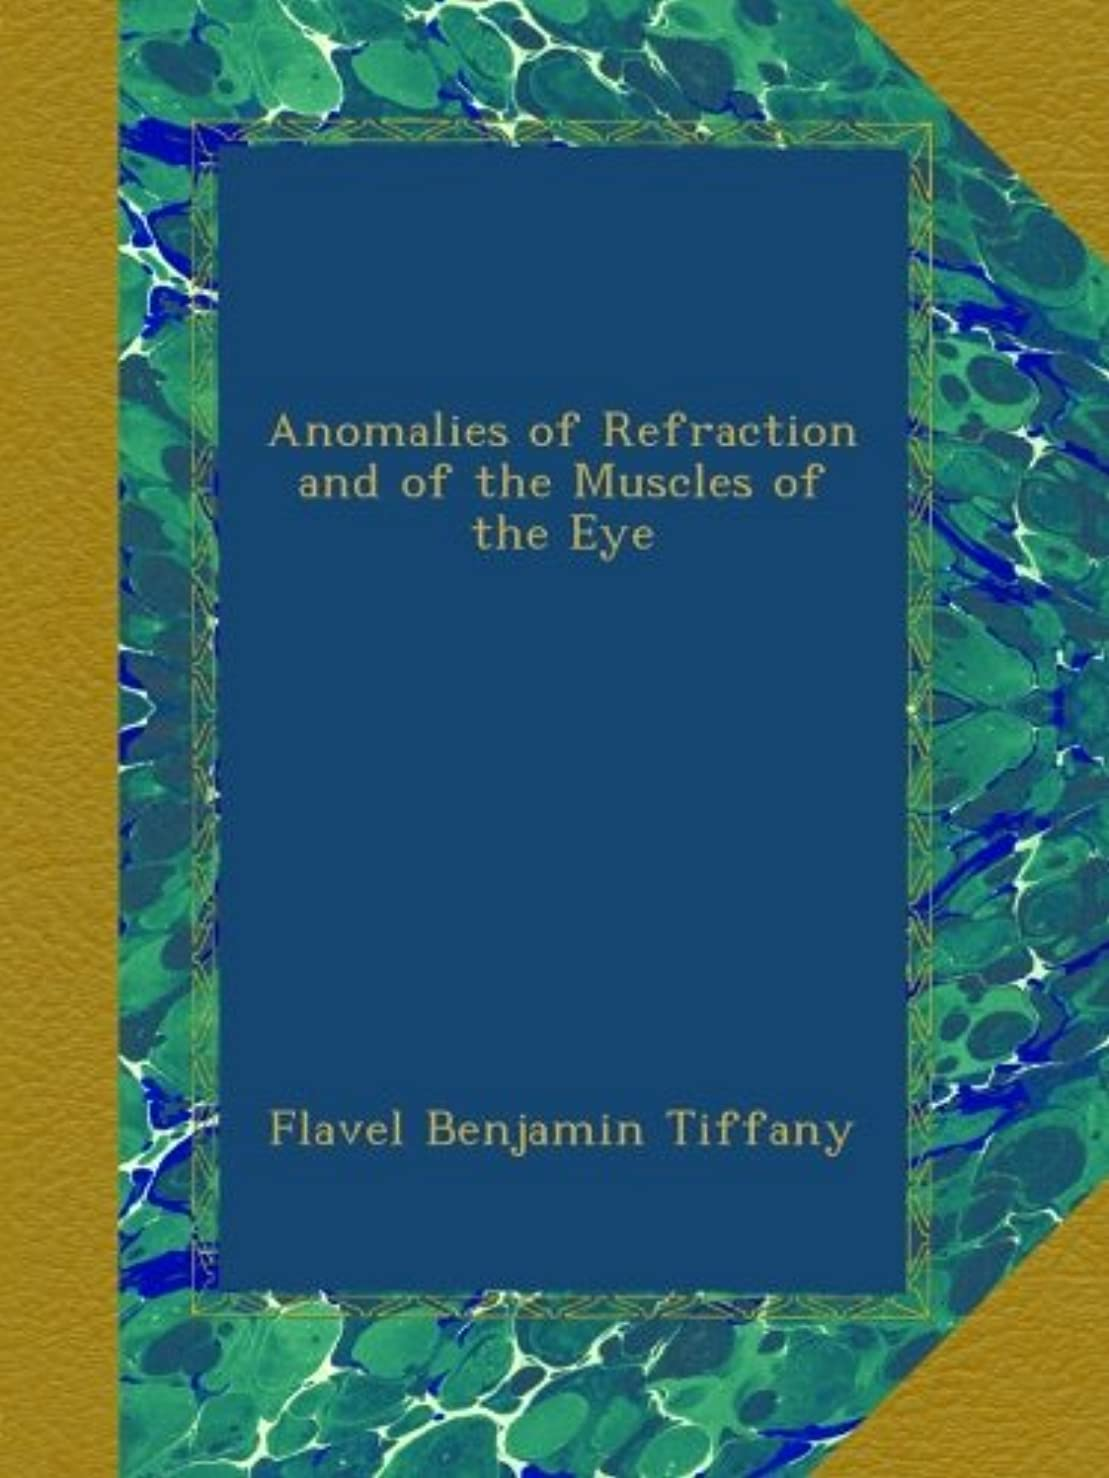 試みる品種契約したAnomalies of Refraction and of the Muscles of the Eye